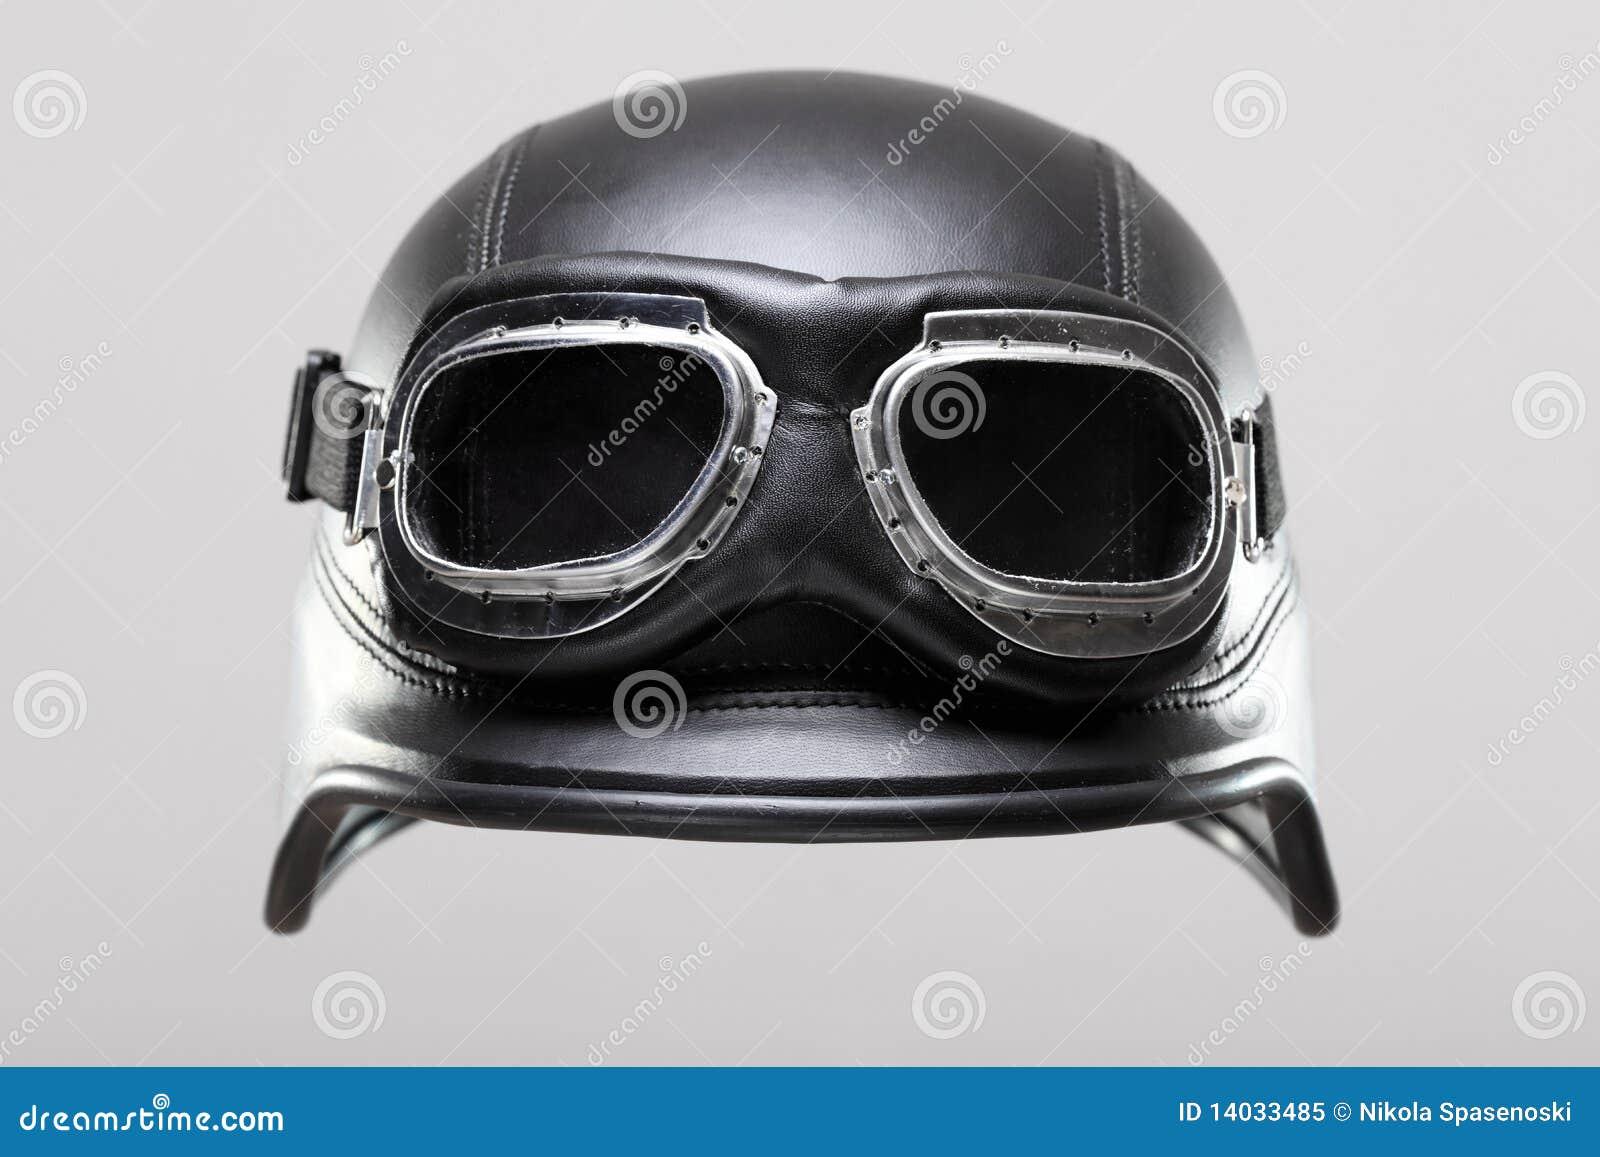 52ffc51c655f7 Capacete Da Motocicleta Com óculos De Proteção Imagem de Stock ...